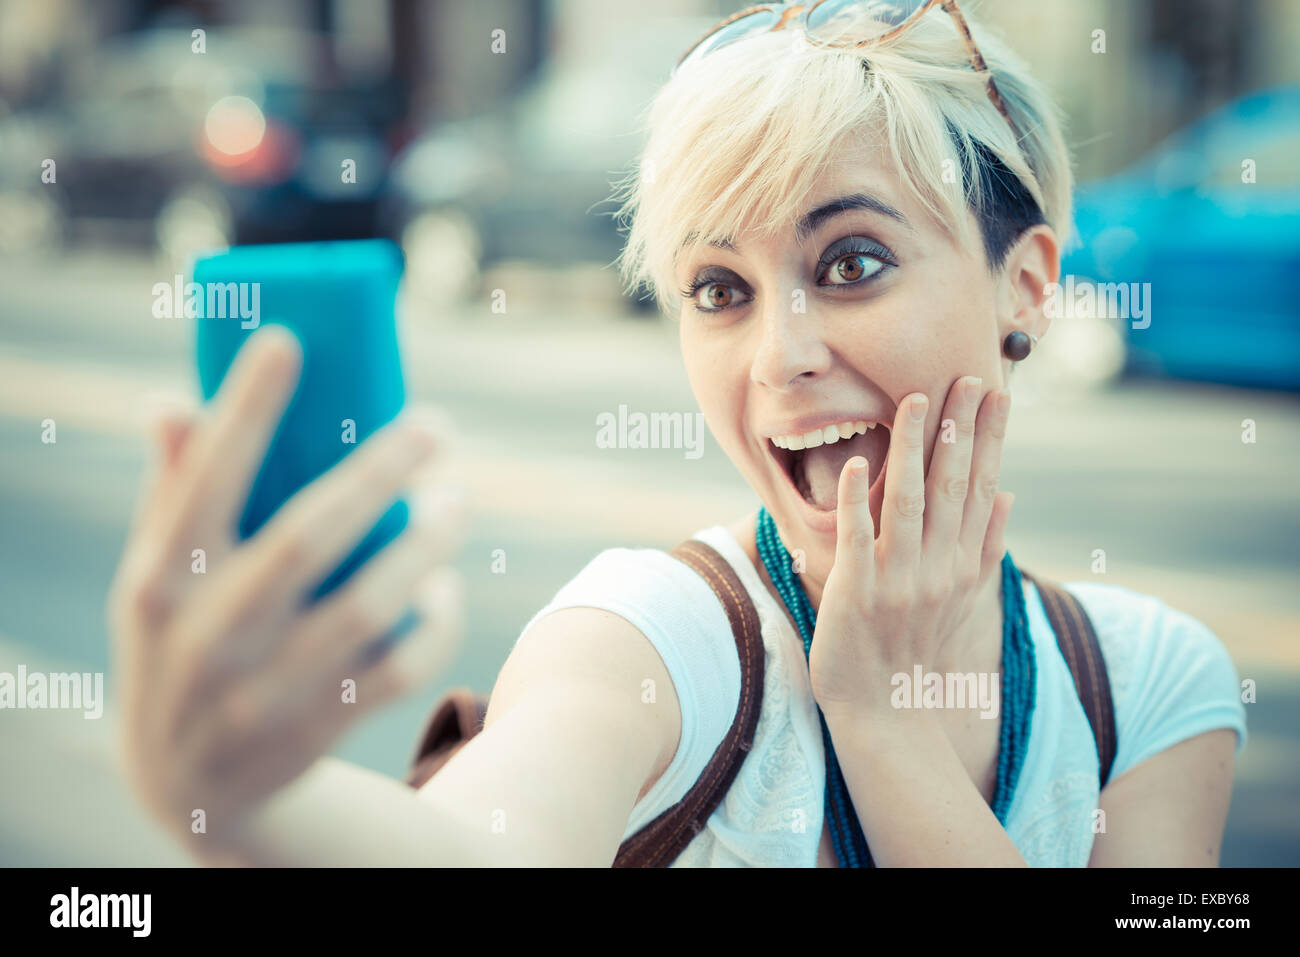 Hermosa joven rubia de cabello corto hipster mujer selfie en la ciudad Imagen De Stock